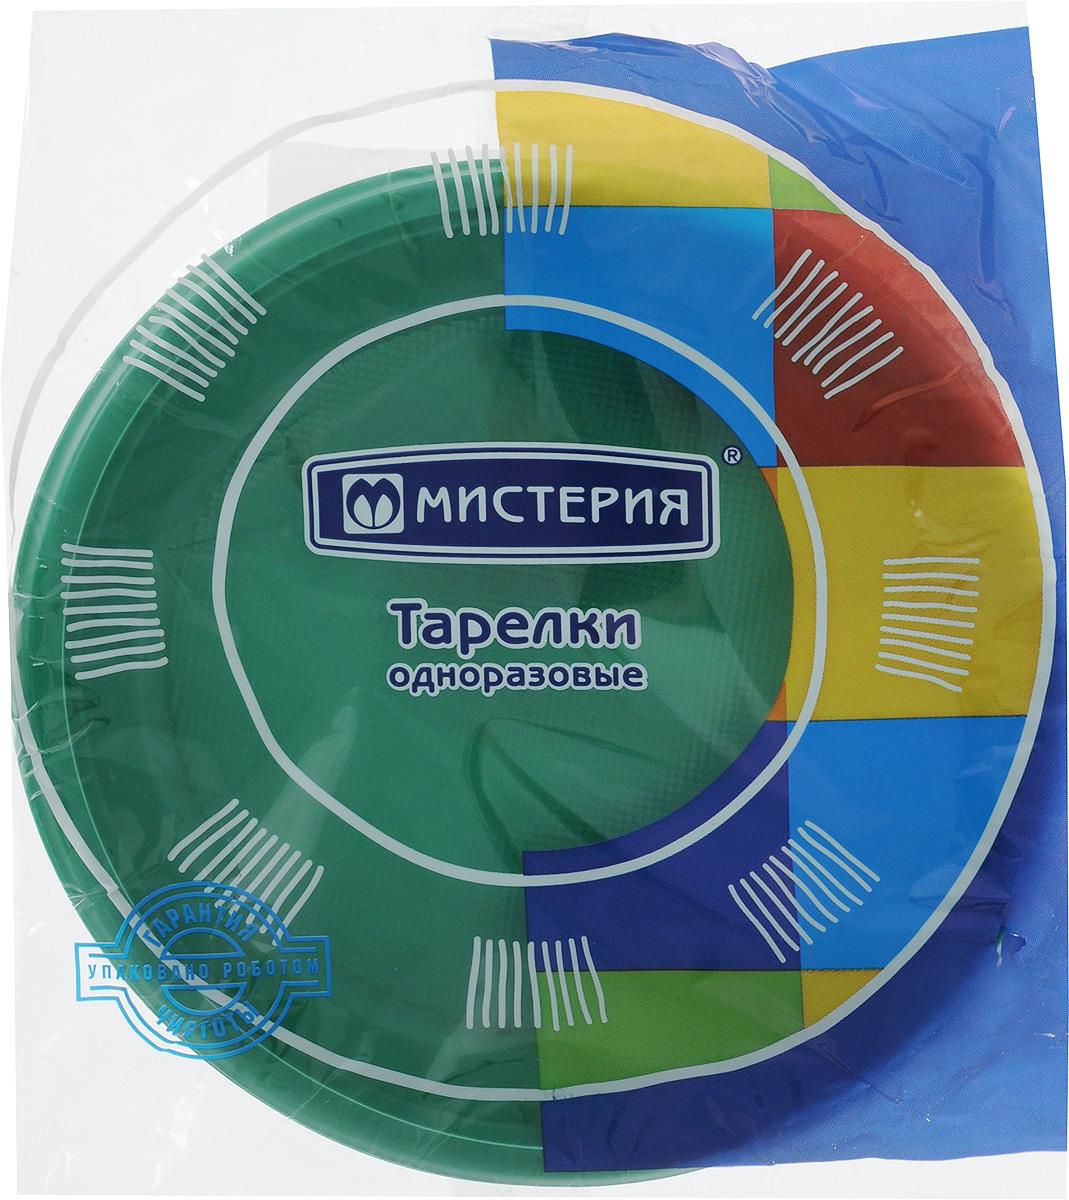 Набор одноразовых десертных тарелок Мистерия, цвет: зеленый, диаметр 17 см, 12 шт тарелка одноразовая мистерия 2 секции диаметр 21 см 12 шт